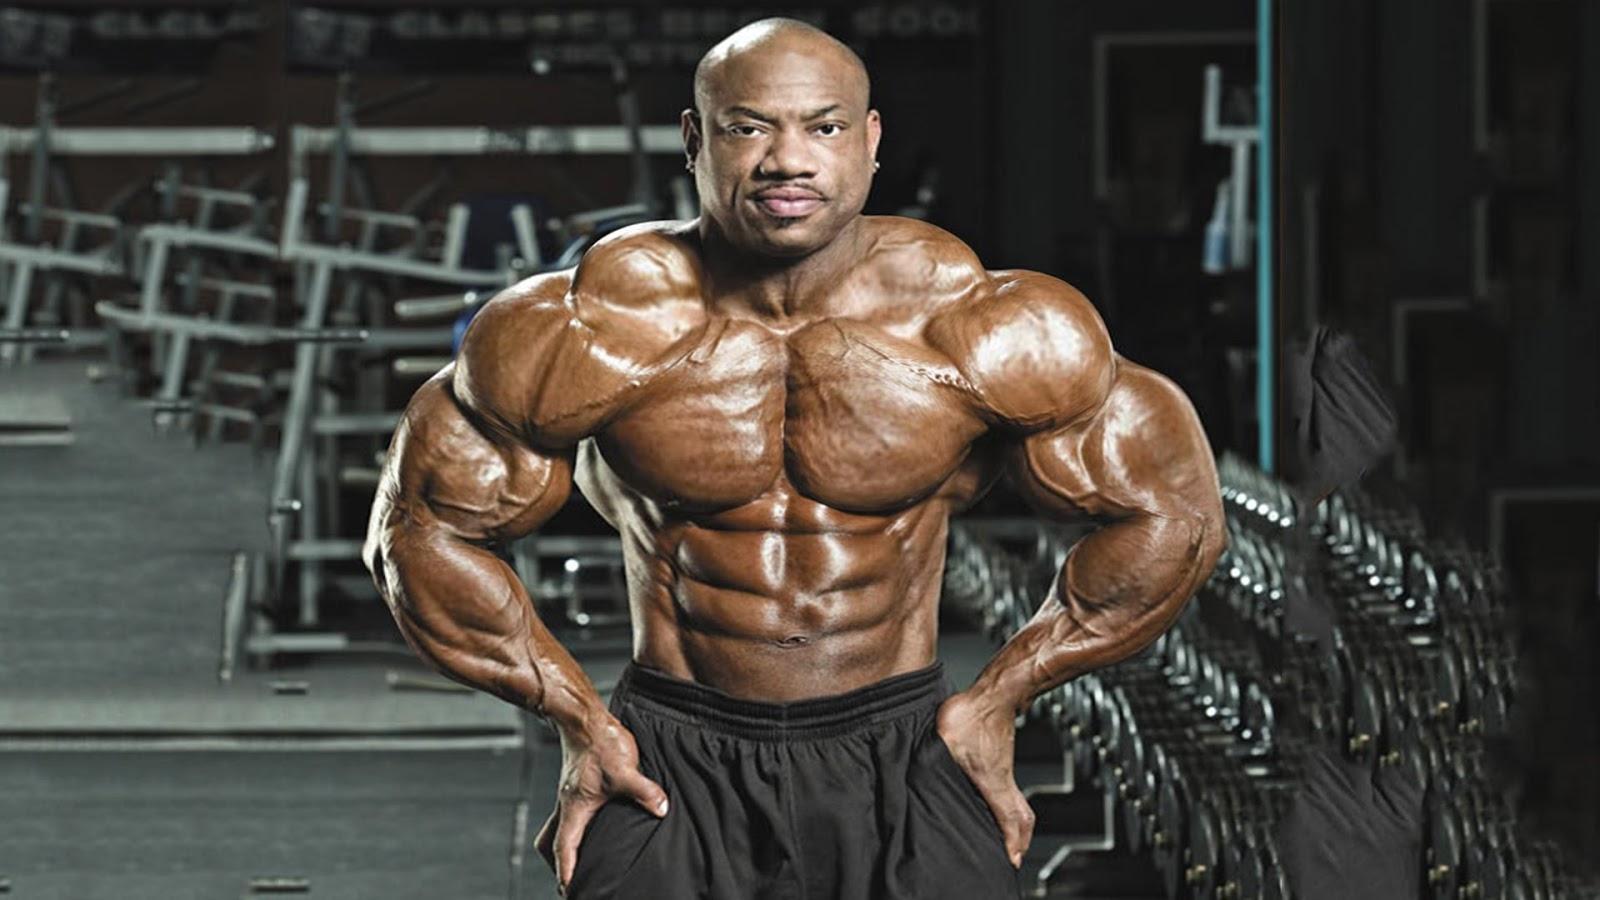 Декстер джексон: биография, тренировки, рост и вес